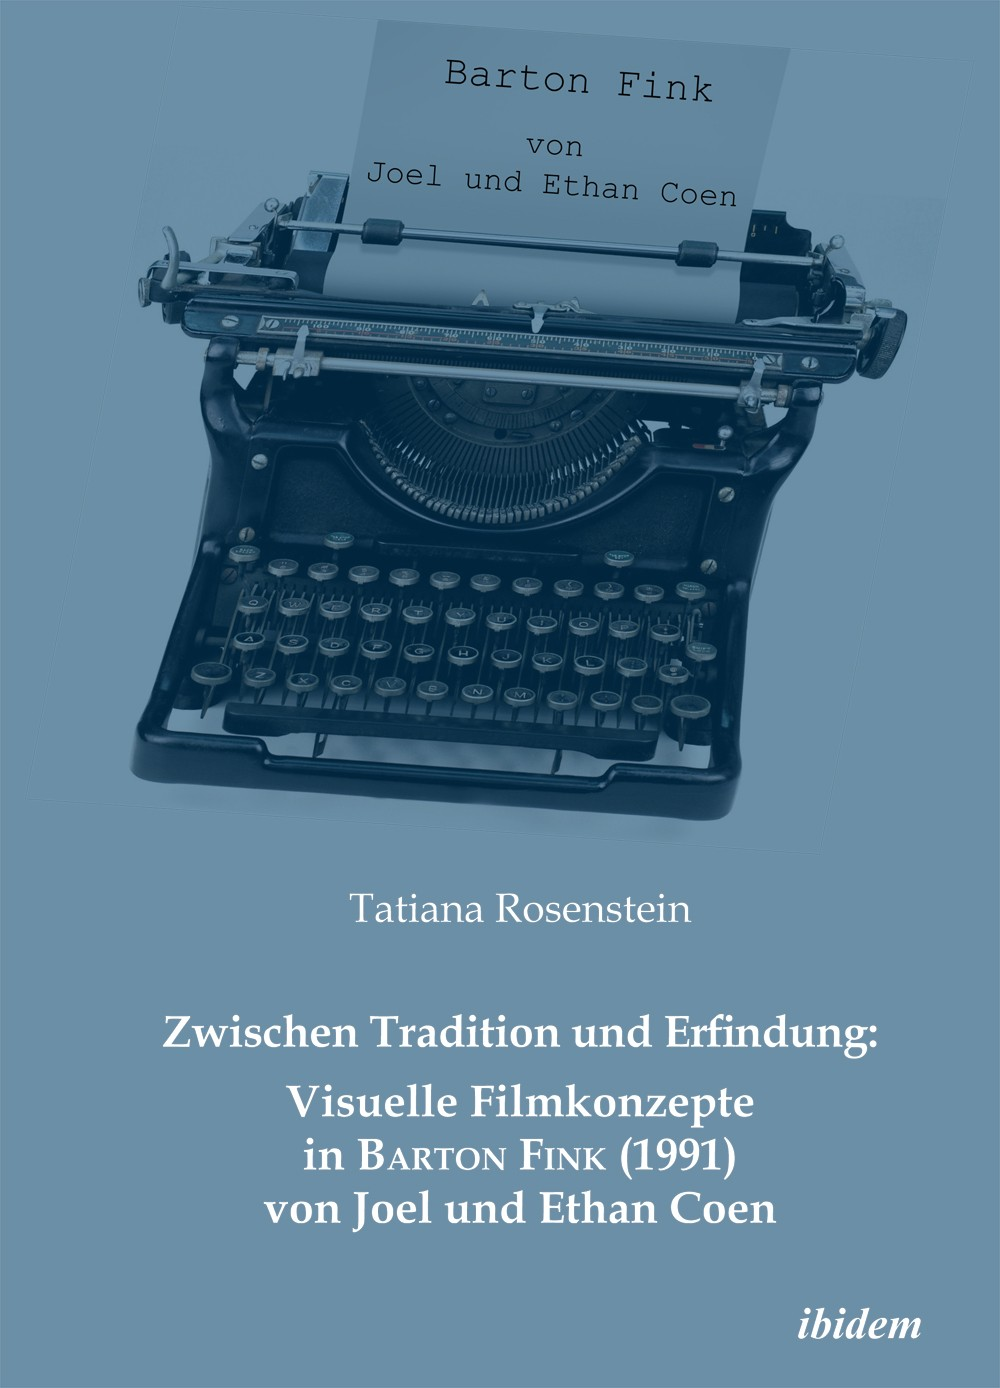 Zwischen Tradition und Erfindung: Visuelle Filmkonzepte in Barton Fink (1991) von Joel und Ethan Coen